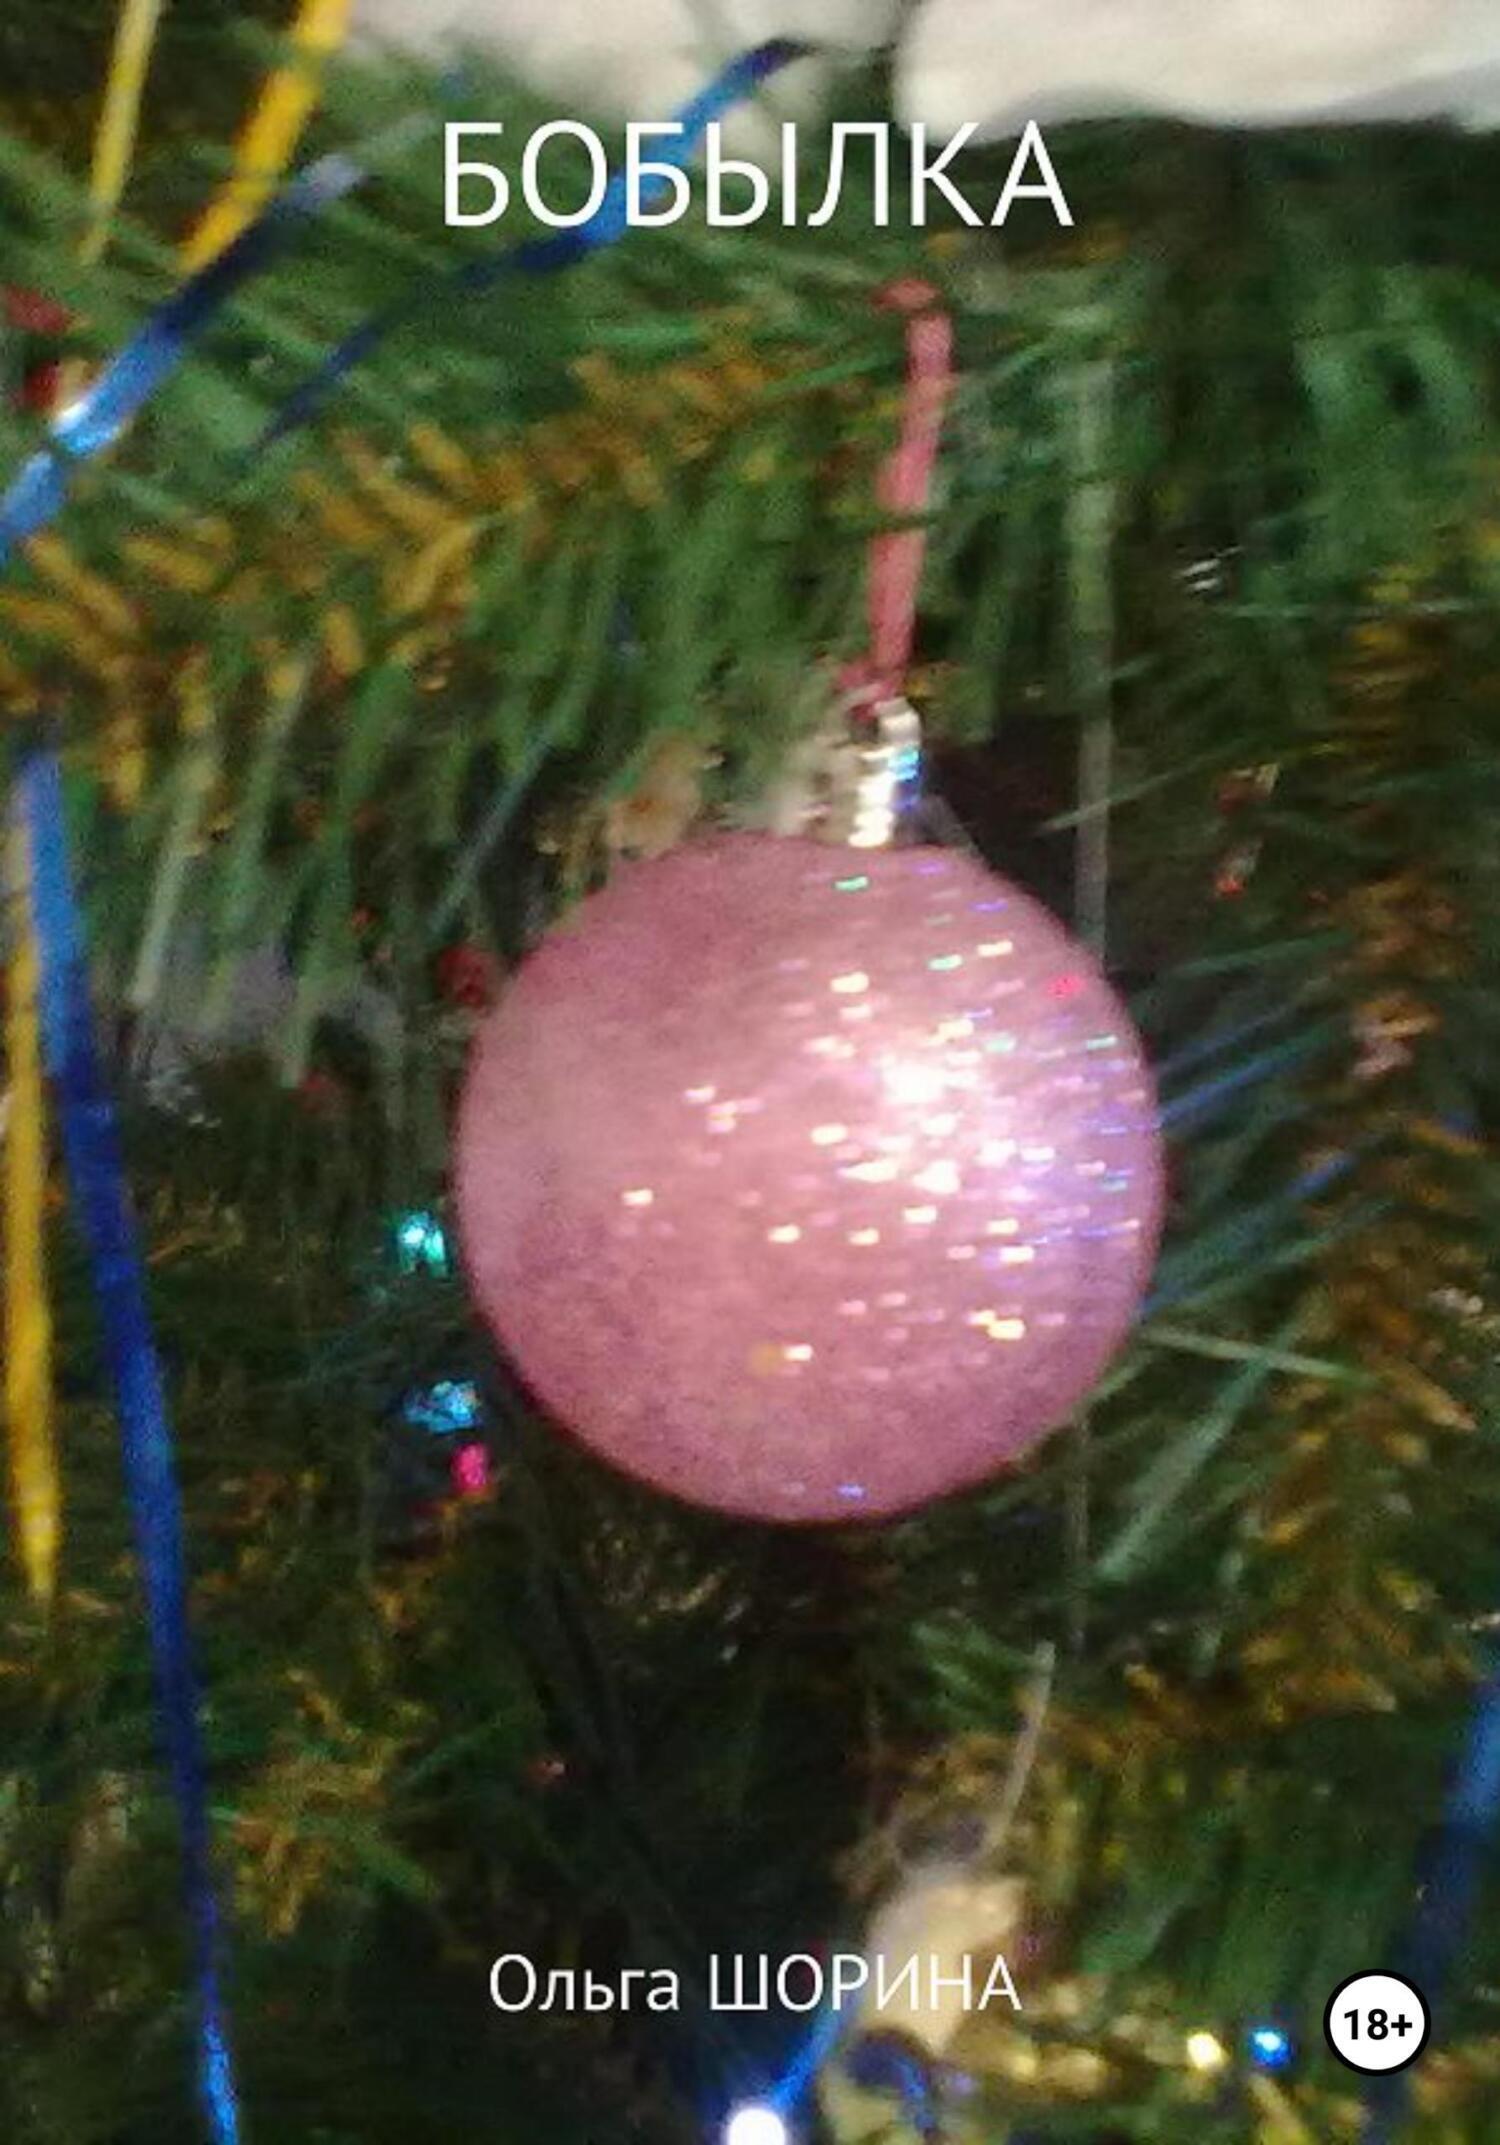 Ольга Евгеньевна Шорина Бобылка ольга евгеньевна шорина бобылка